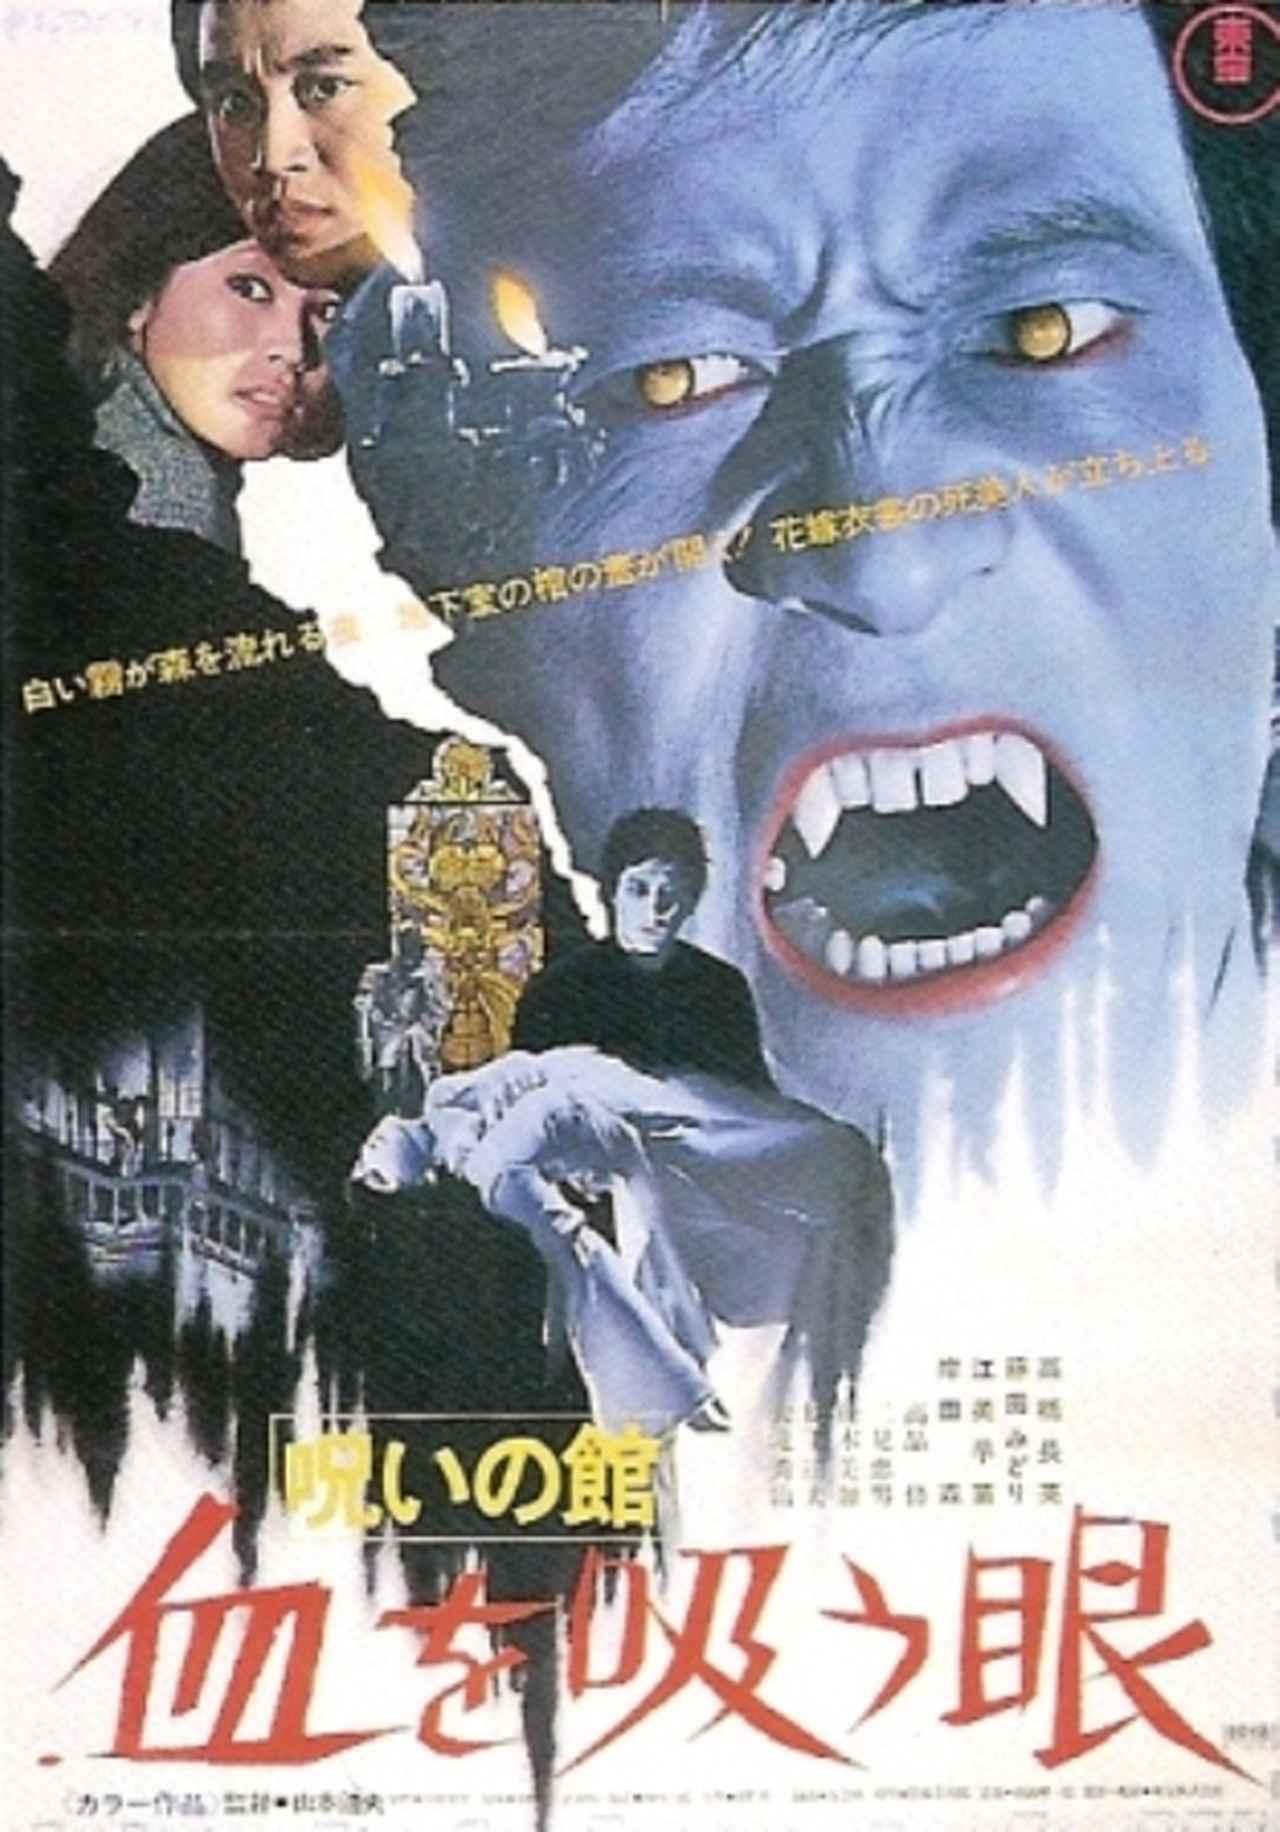 画像: http://anguirus.exblog.jp/14357027/